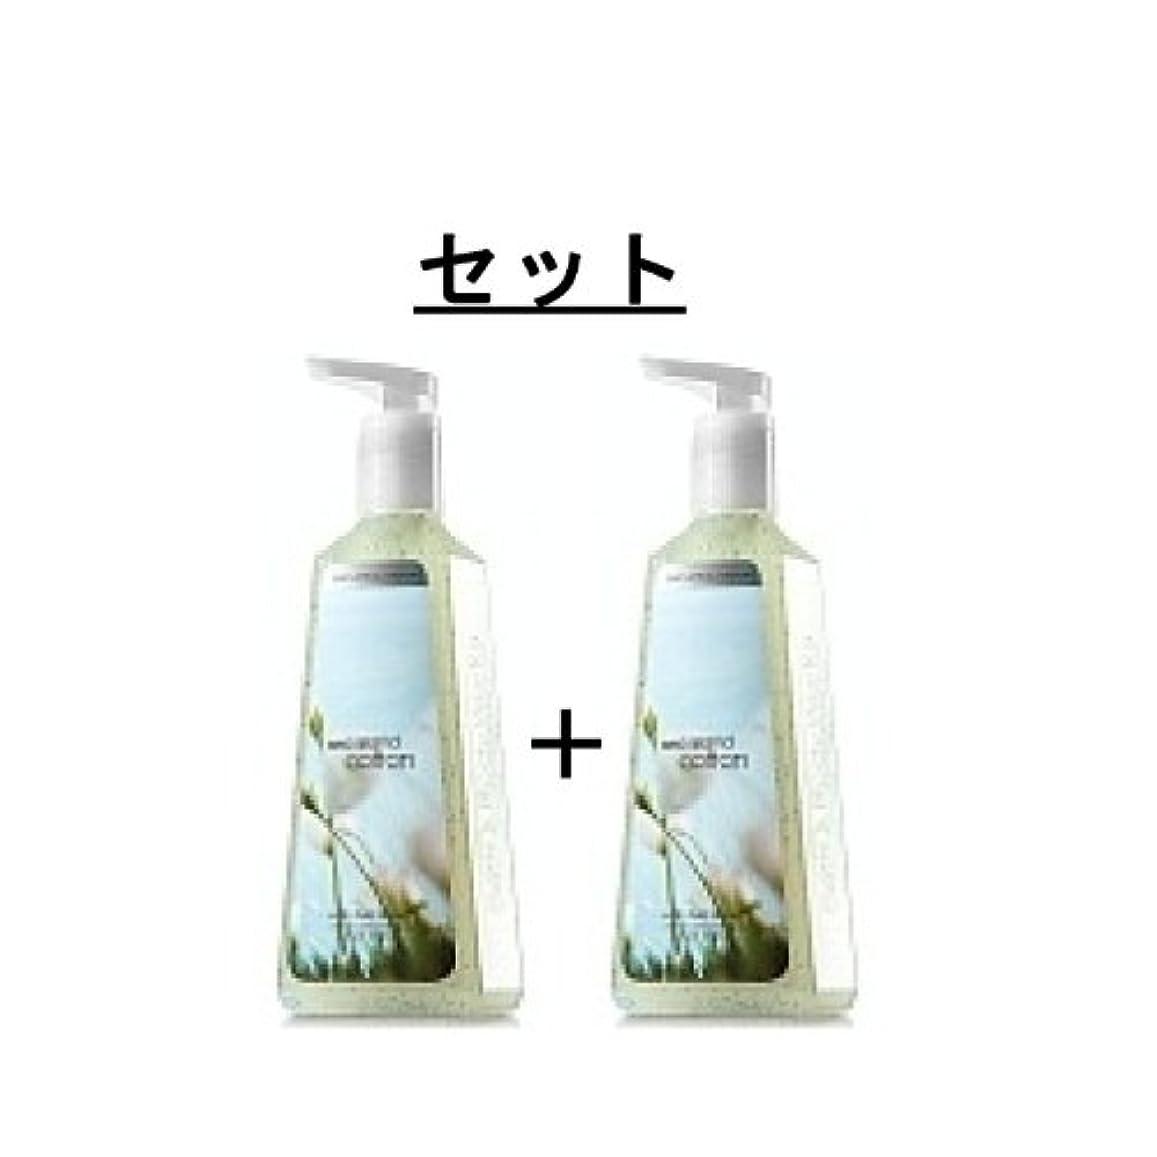 ポジション彼女は寛大さBath & Body Works Sea Island Cotton Antibacterial Deep Cleansing Hand Soap Set of 2 シーアイランドコットン【並行輸入品】